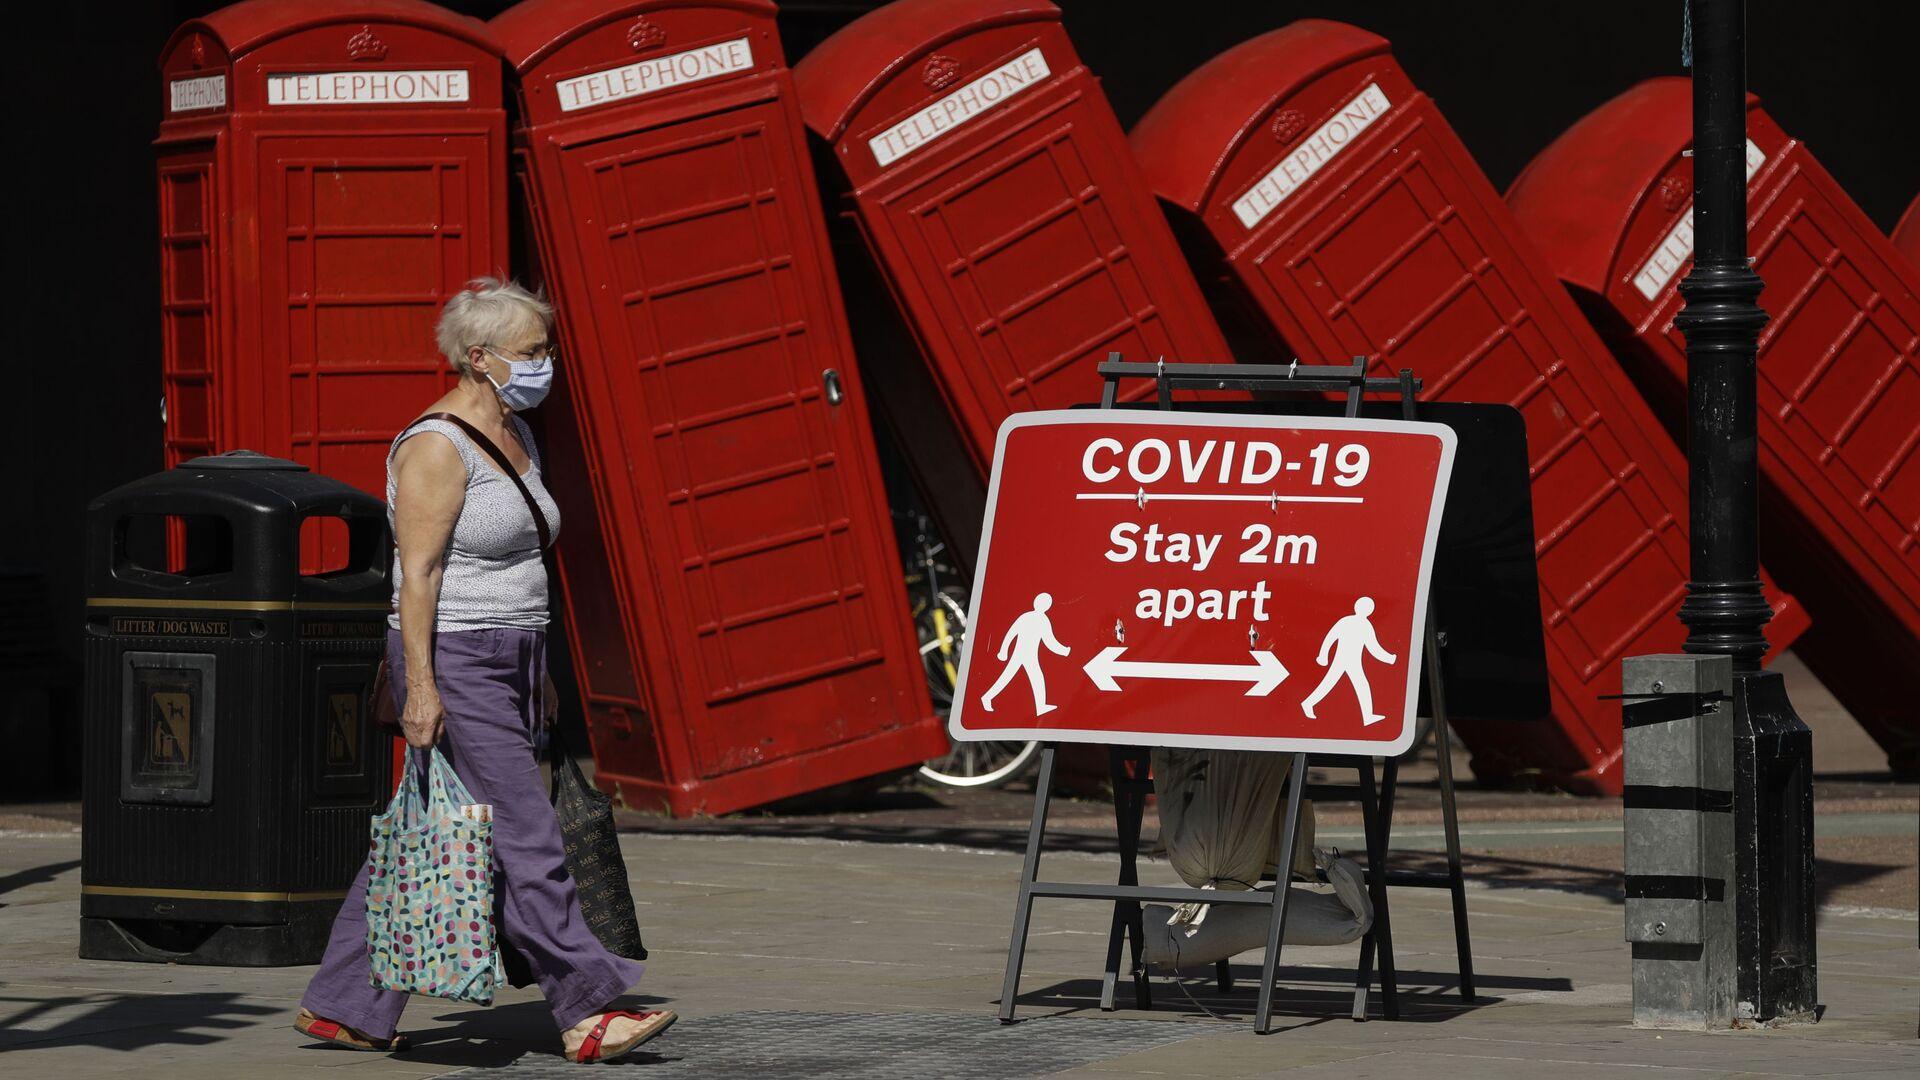 Женщина в медицинской маске и плакат с призывом соблюдать социальную дистанцию на фоне скульптуры британского скульптора Дэвида Маха Out of Order в Лондоне, Великобритания  - Sputnik Italia, 1920, 29.05.2021